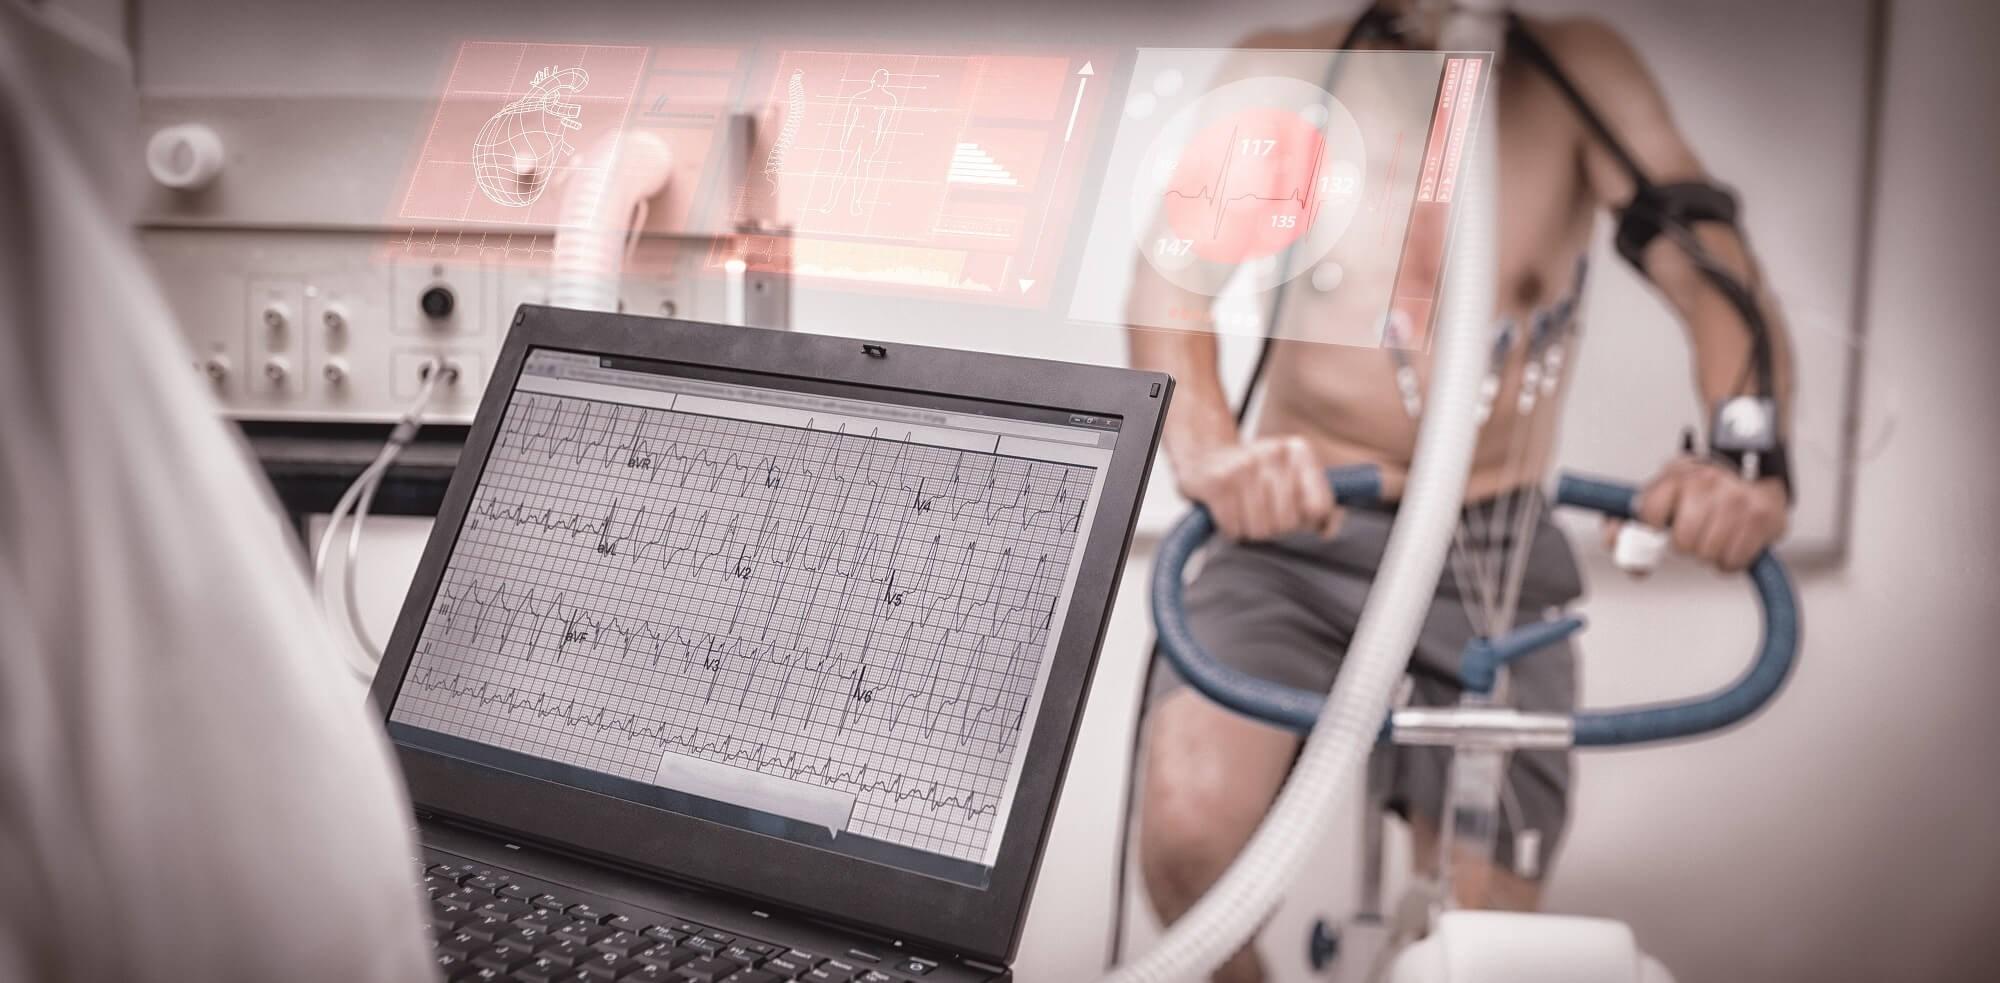 Prognostic Relevance of Cardiopulmonary Exercise Testing in Low-Risk Pulmonary Arterial Hypertension